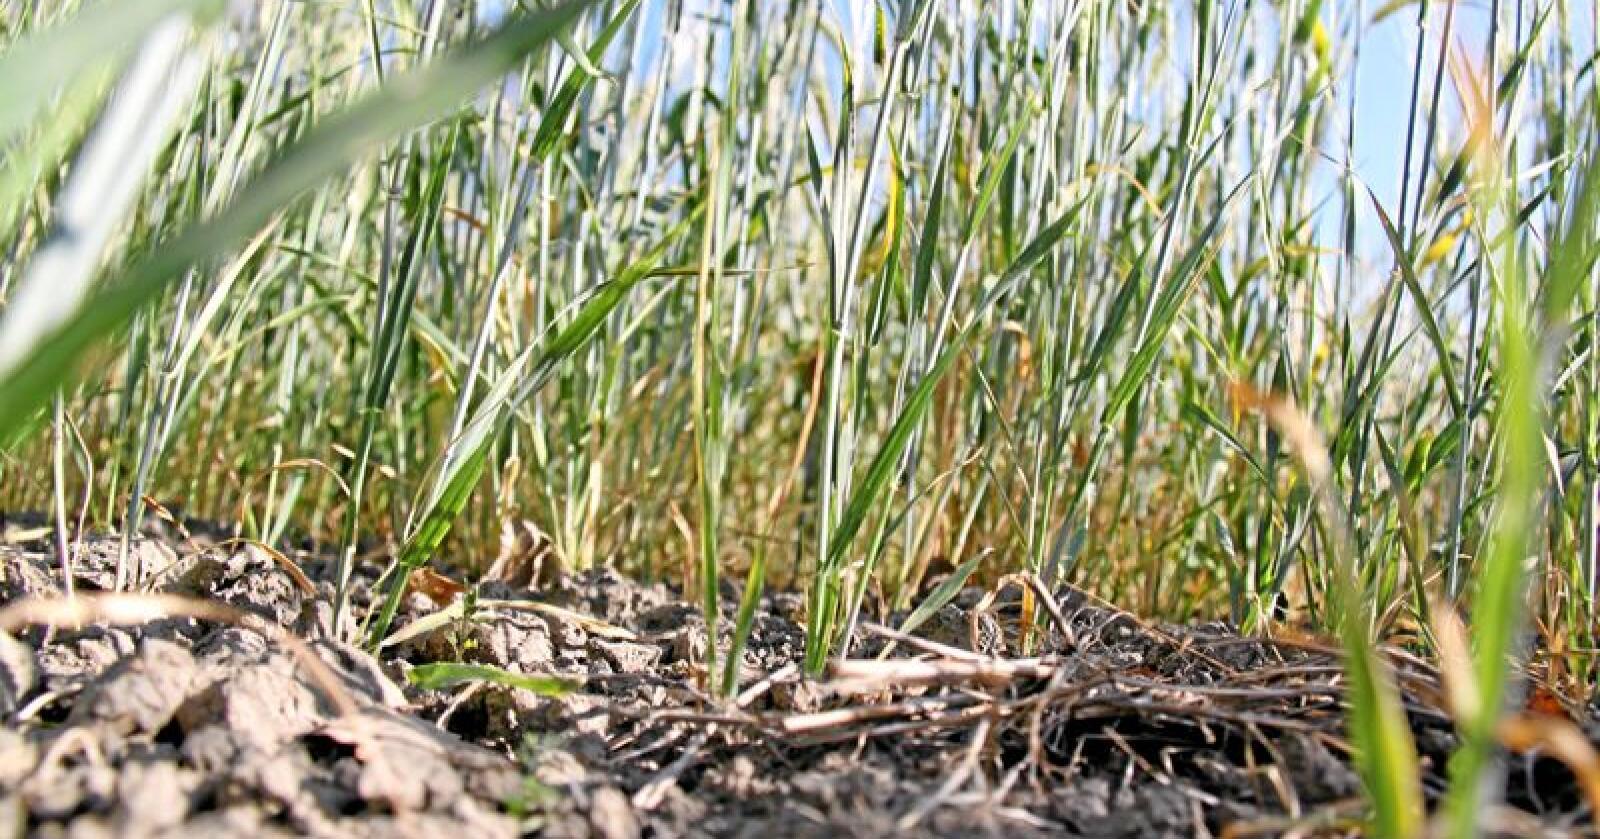 Tørke: 2018 var sommeren da plantene som fanger CO2 og gir mat til folk og dyr sluttet å vokse. Foto: Svein Egil Hatlevik